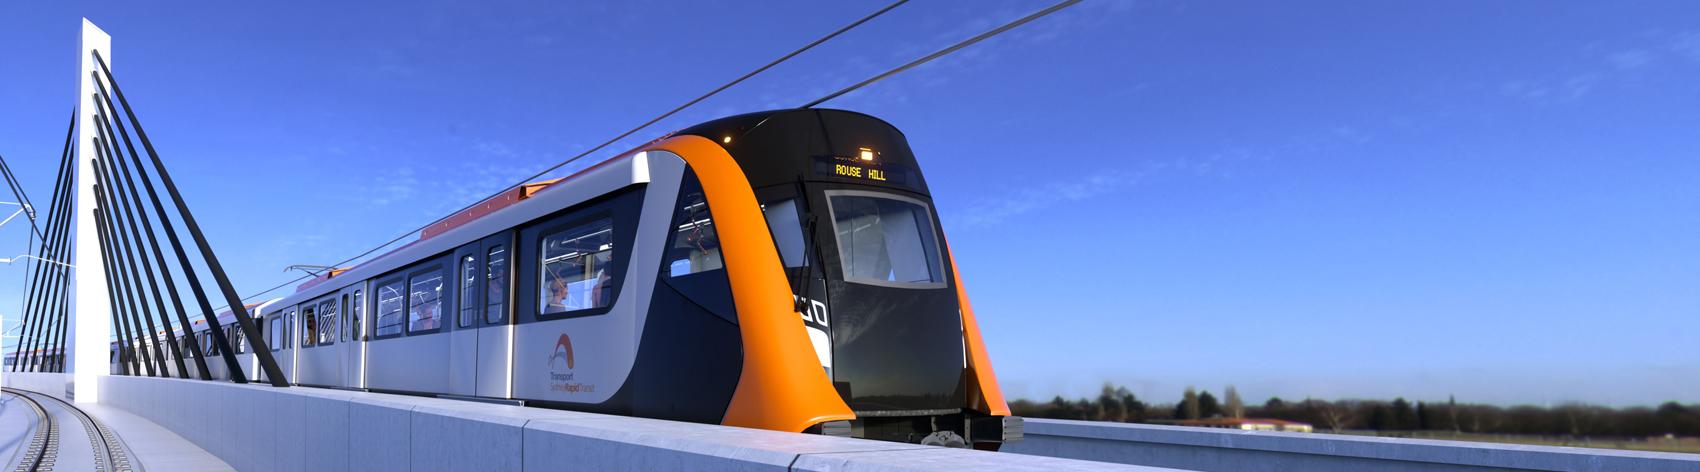 Alstom : un train interurbain automatique pour l'Australie